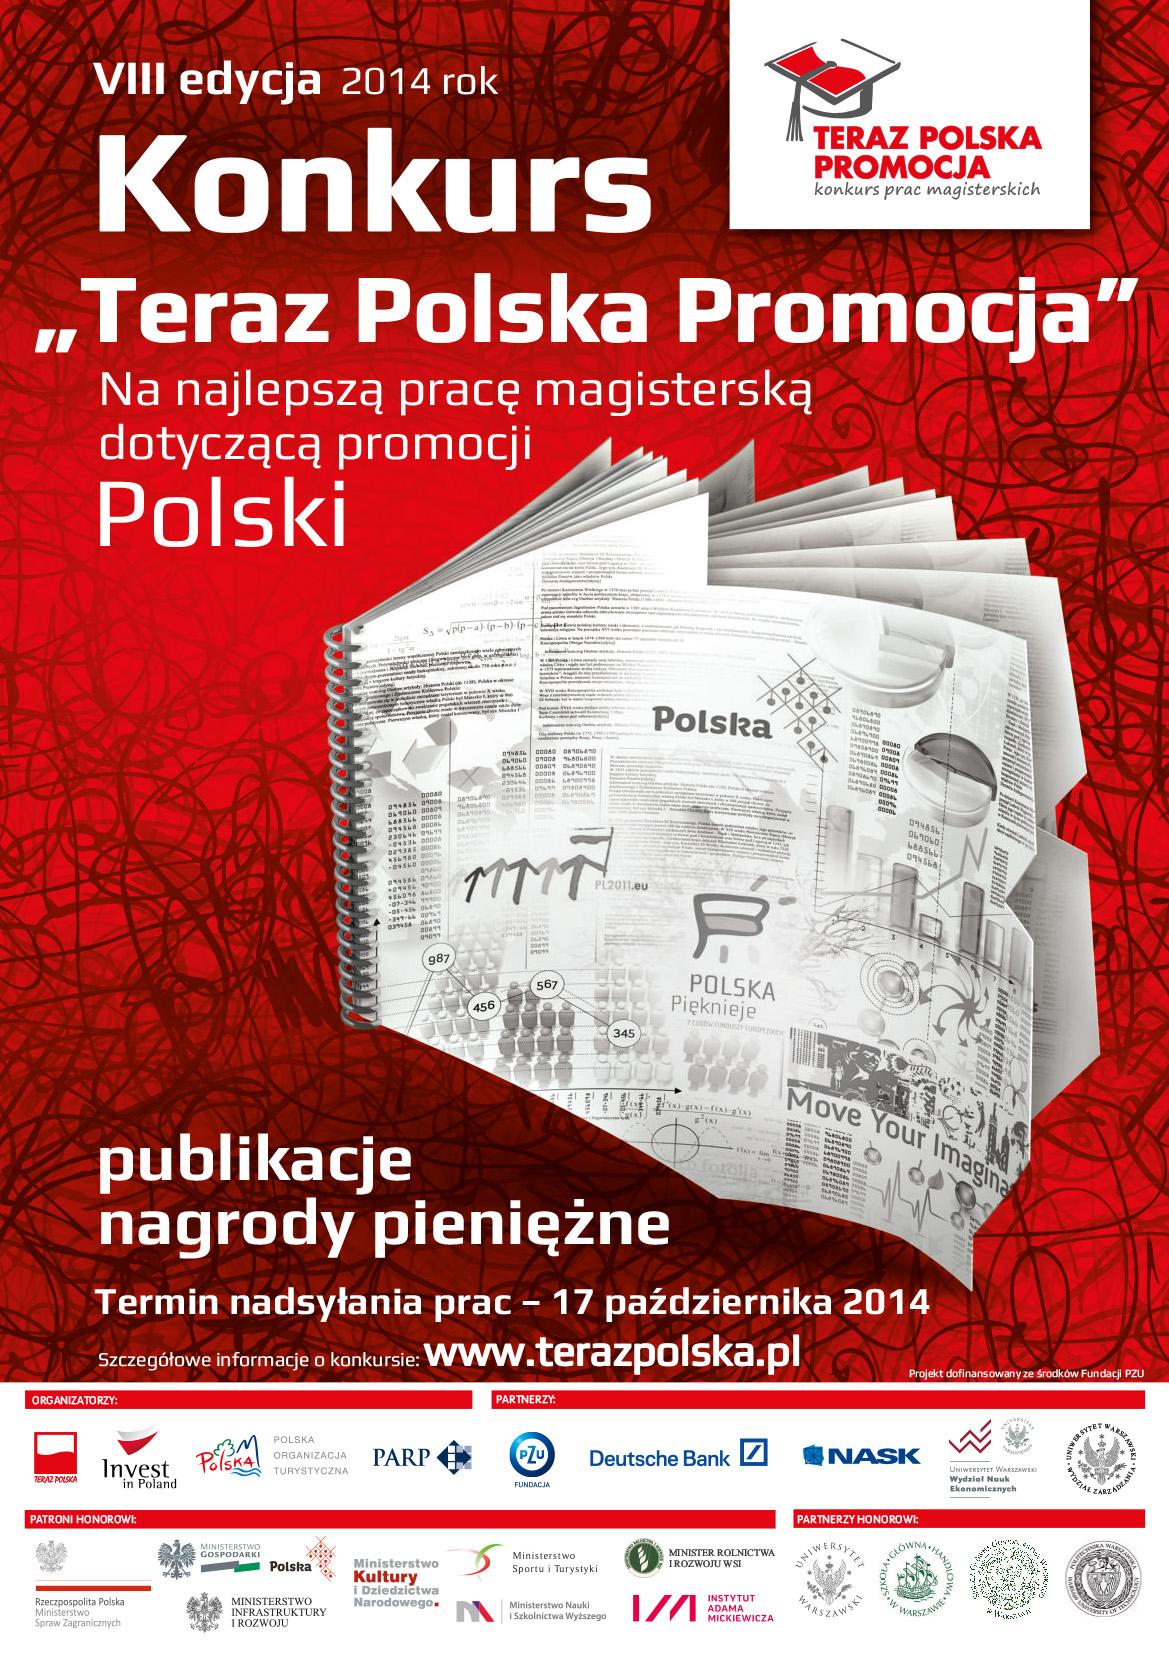 plakat TPP 2014  A3 + logotypy